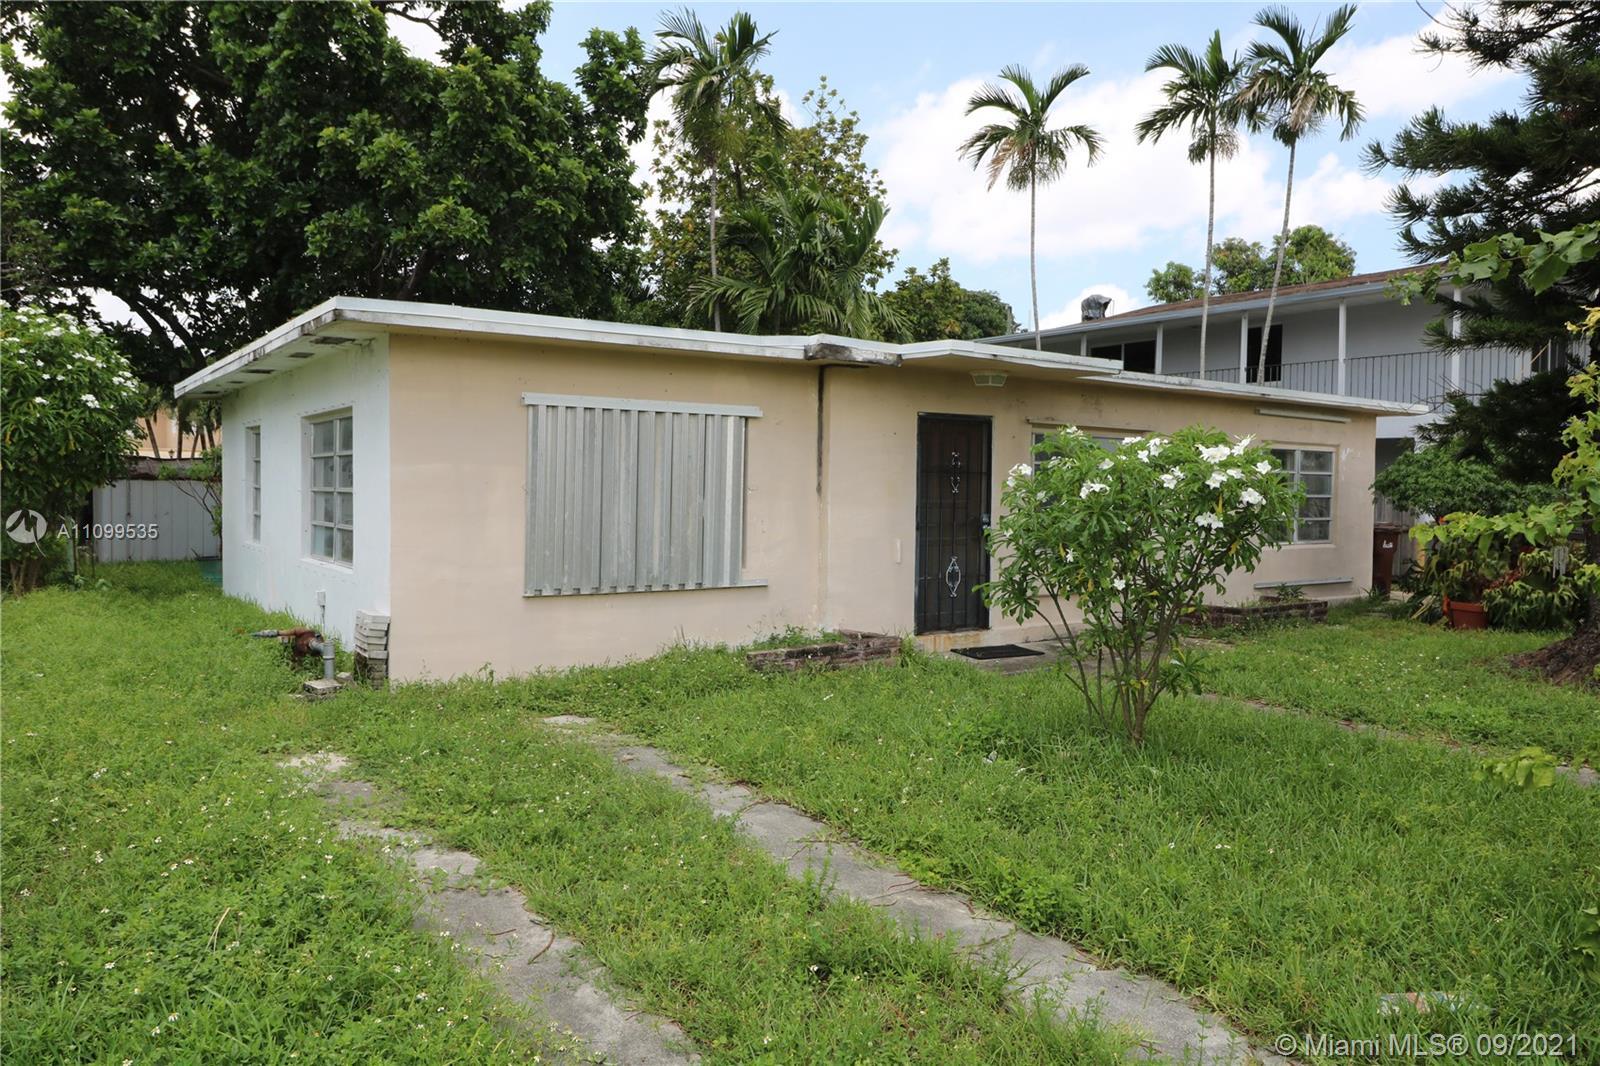 Sun-Tan Village - 651 E 11th Pl, Hialeah, FL 33010